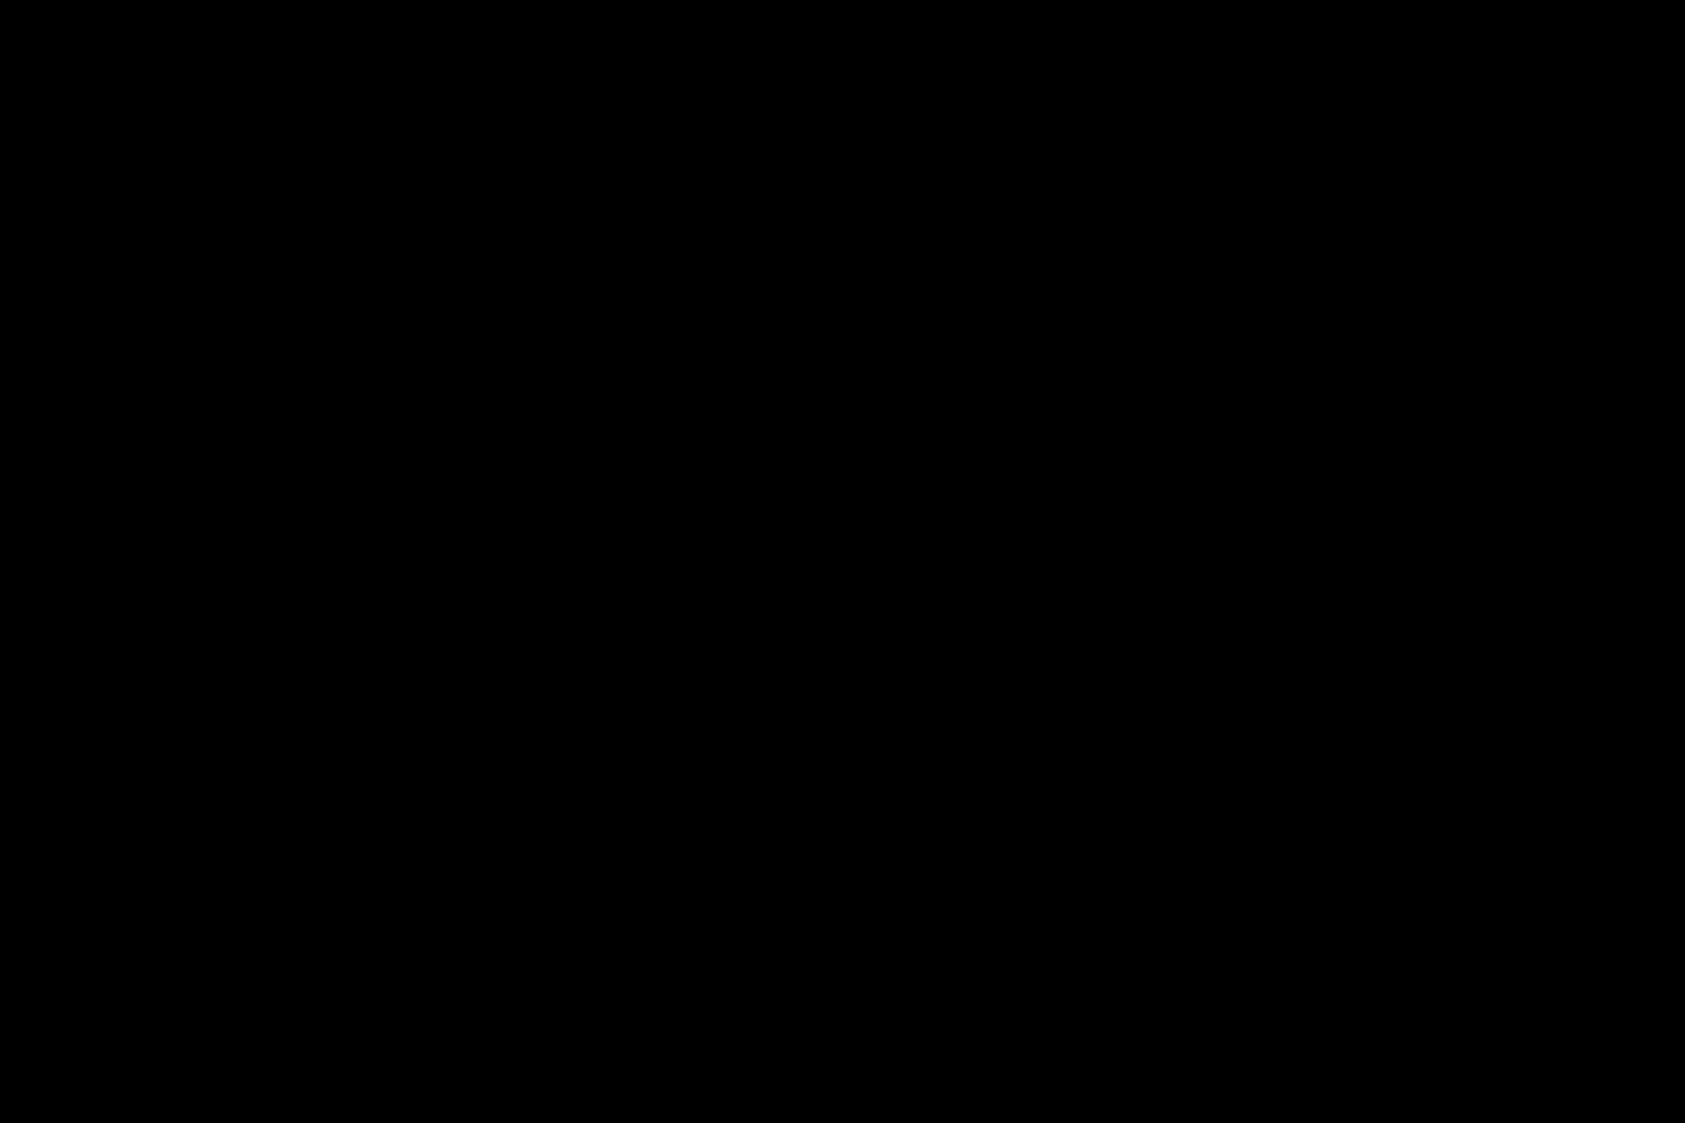 ro-rrago-robledillo-de-gata-2